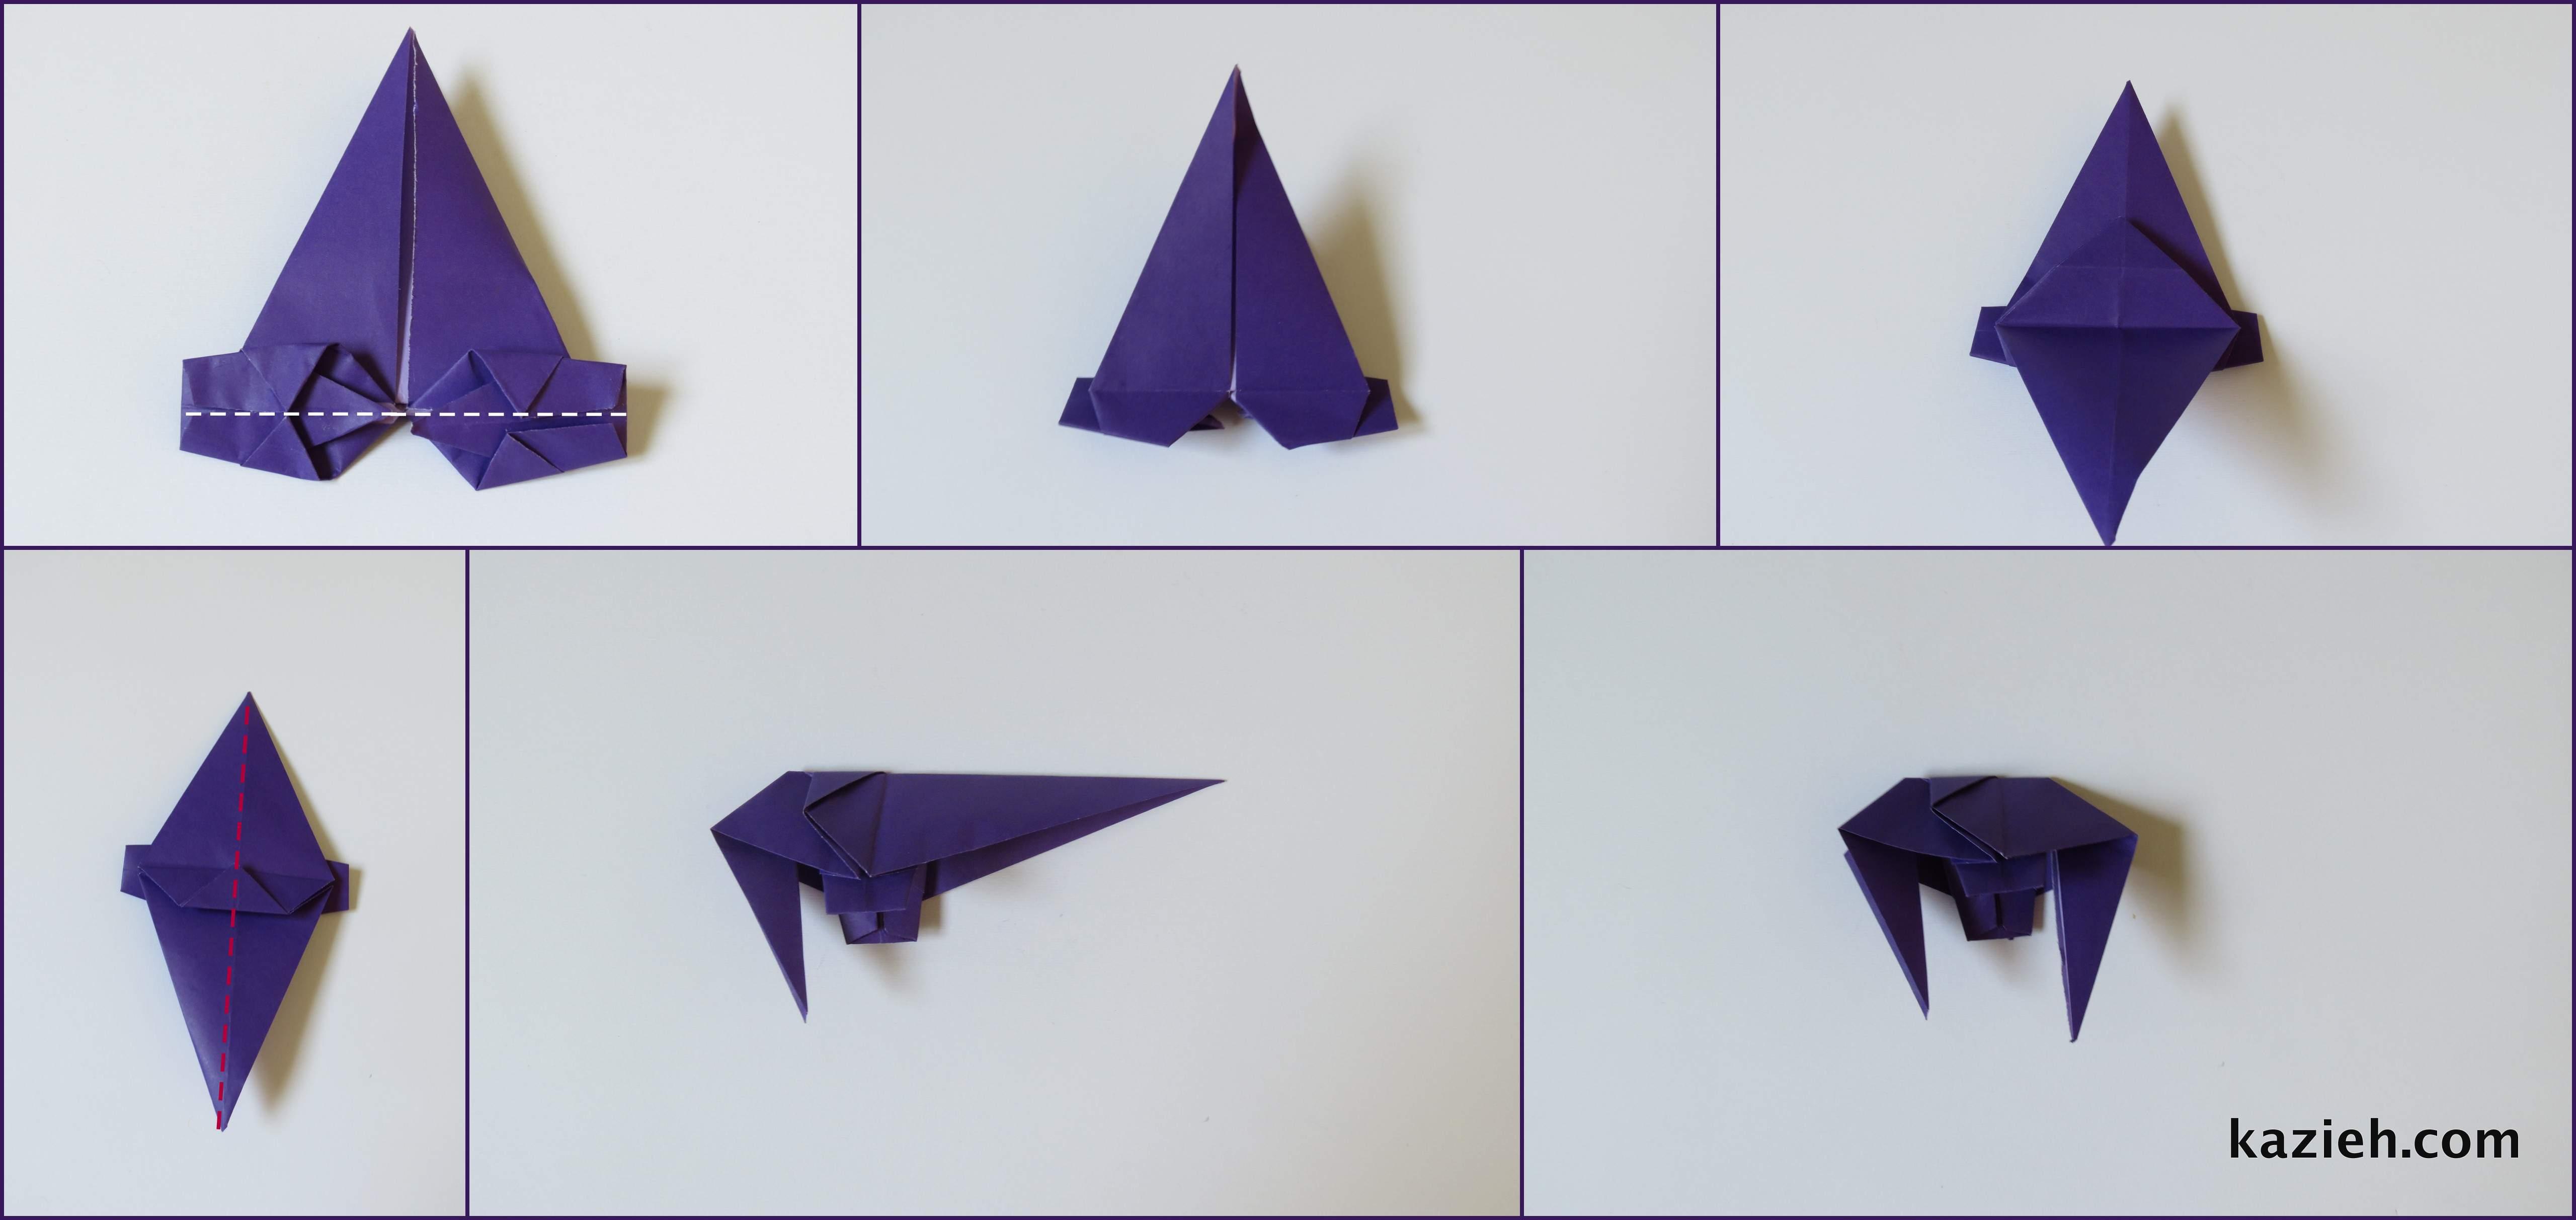 آموزش فیل اوریگامی مرحله ششم - کازیه